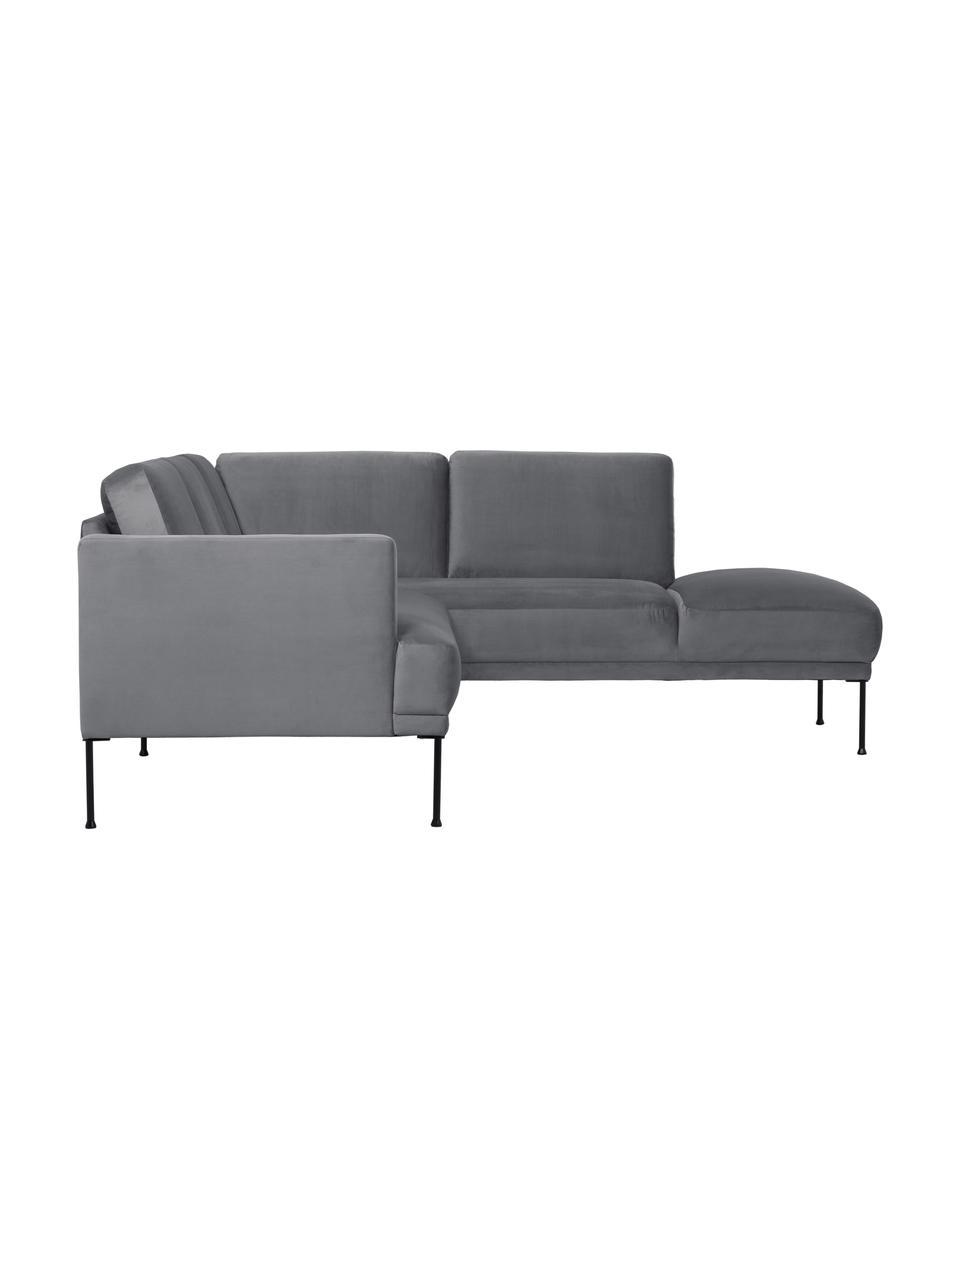 Canapé d'angle velours gris foncé Fluente, Velours gris foncé